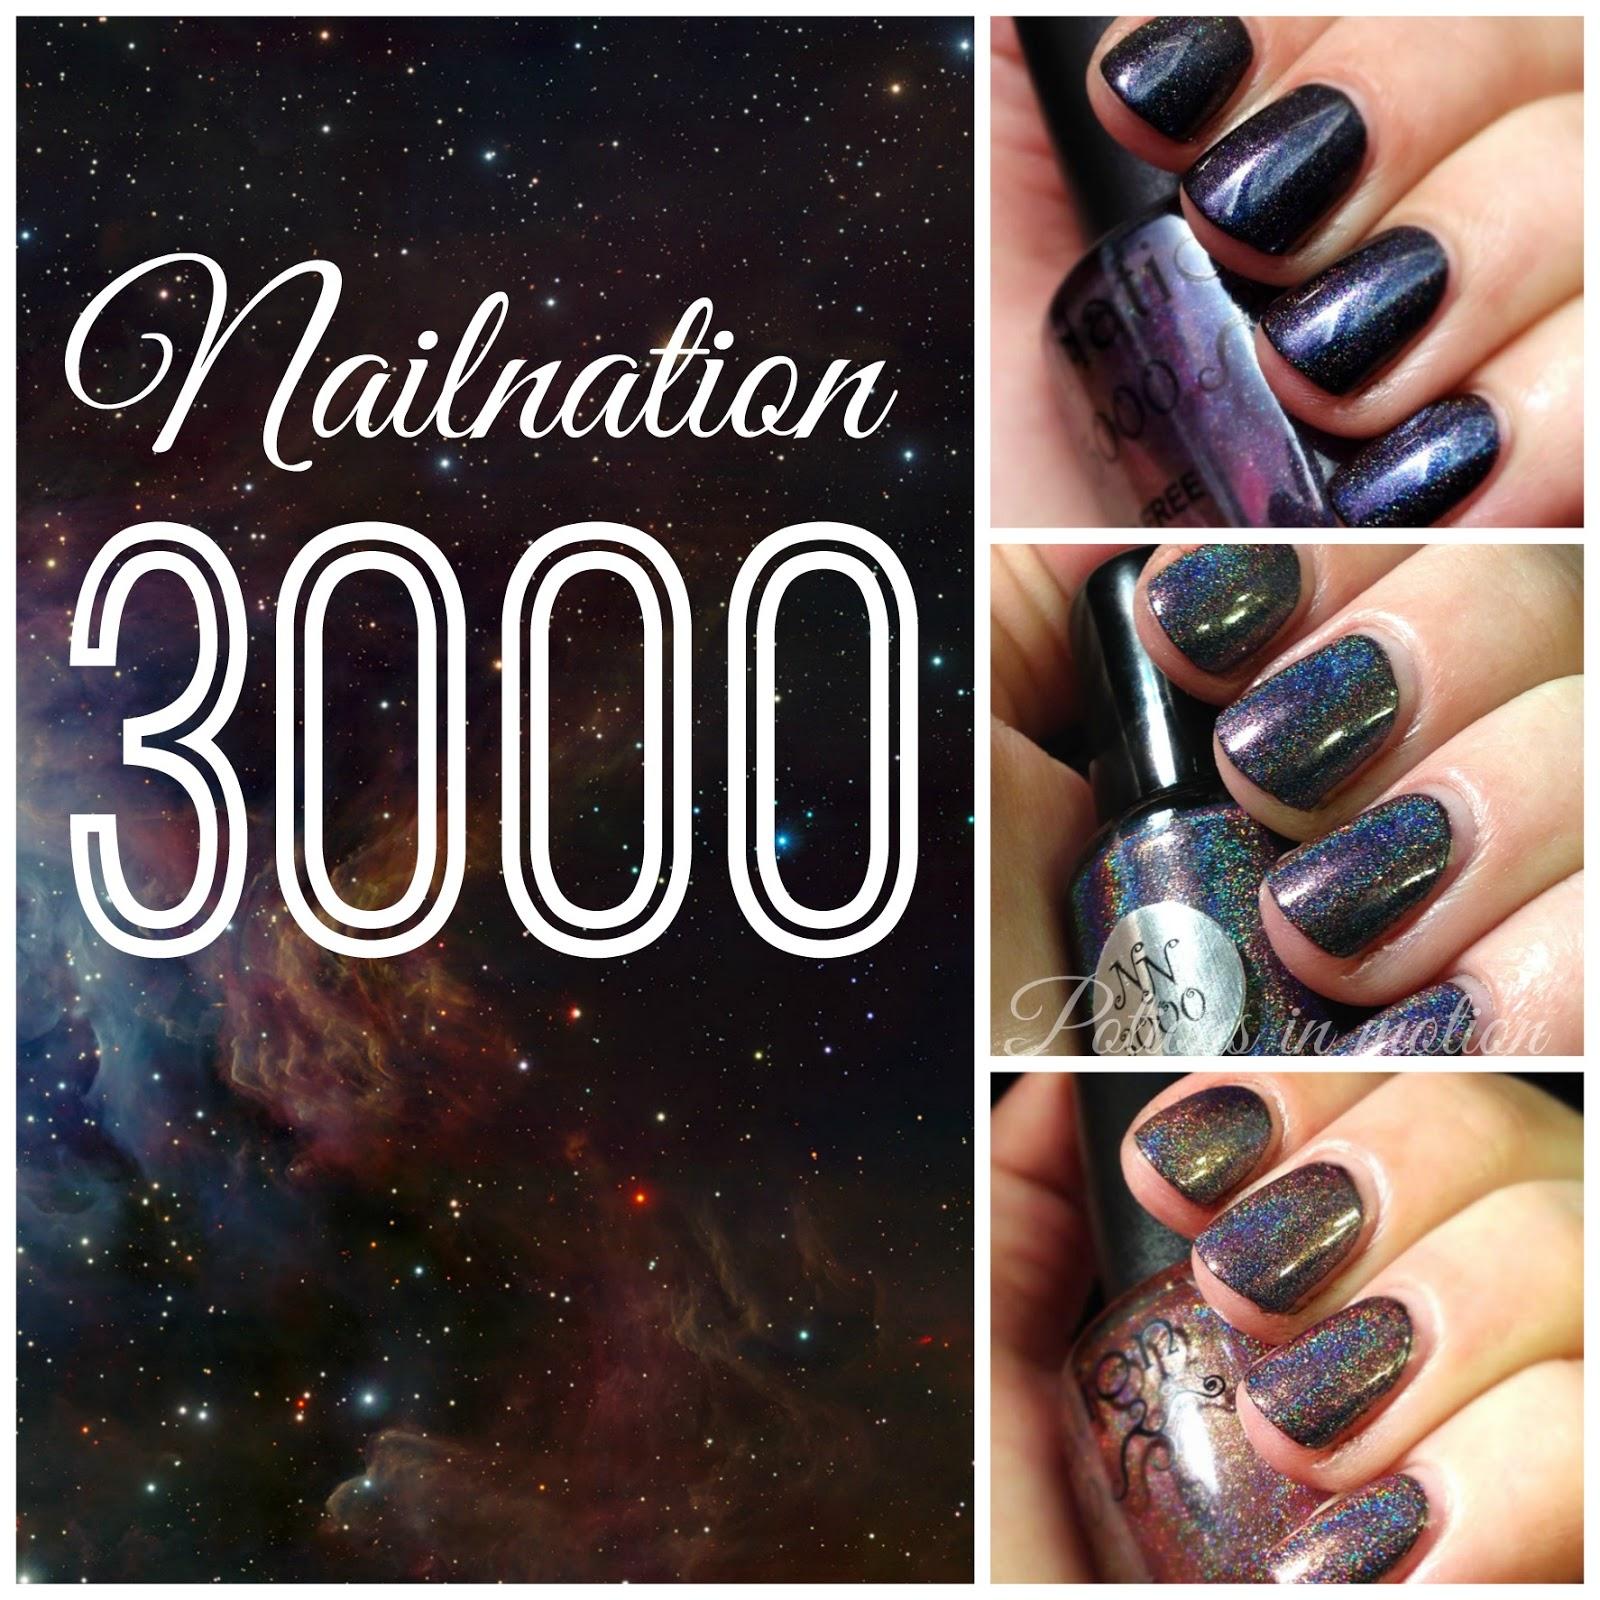 Potions in motion nail blog: Nail Nation 3000 ~